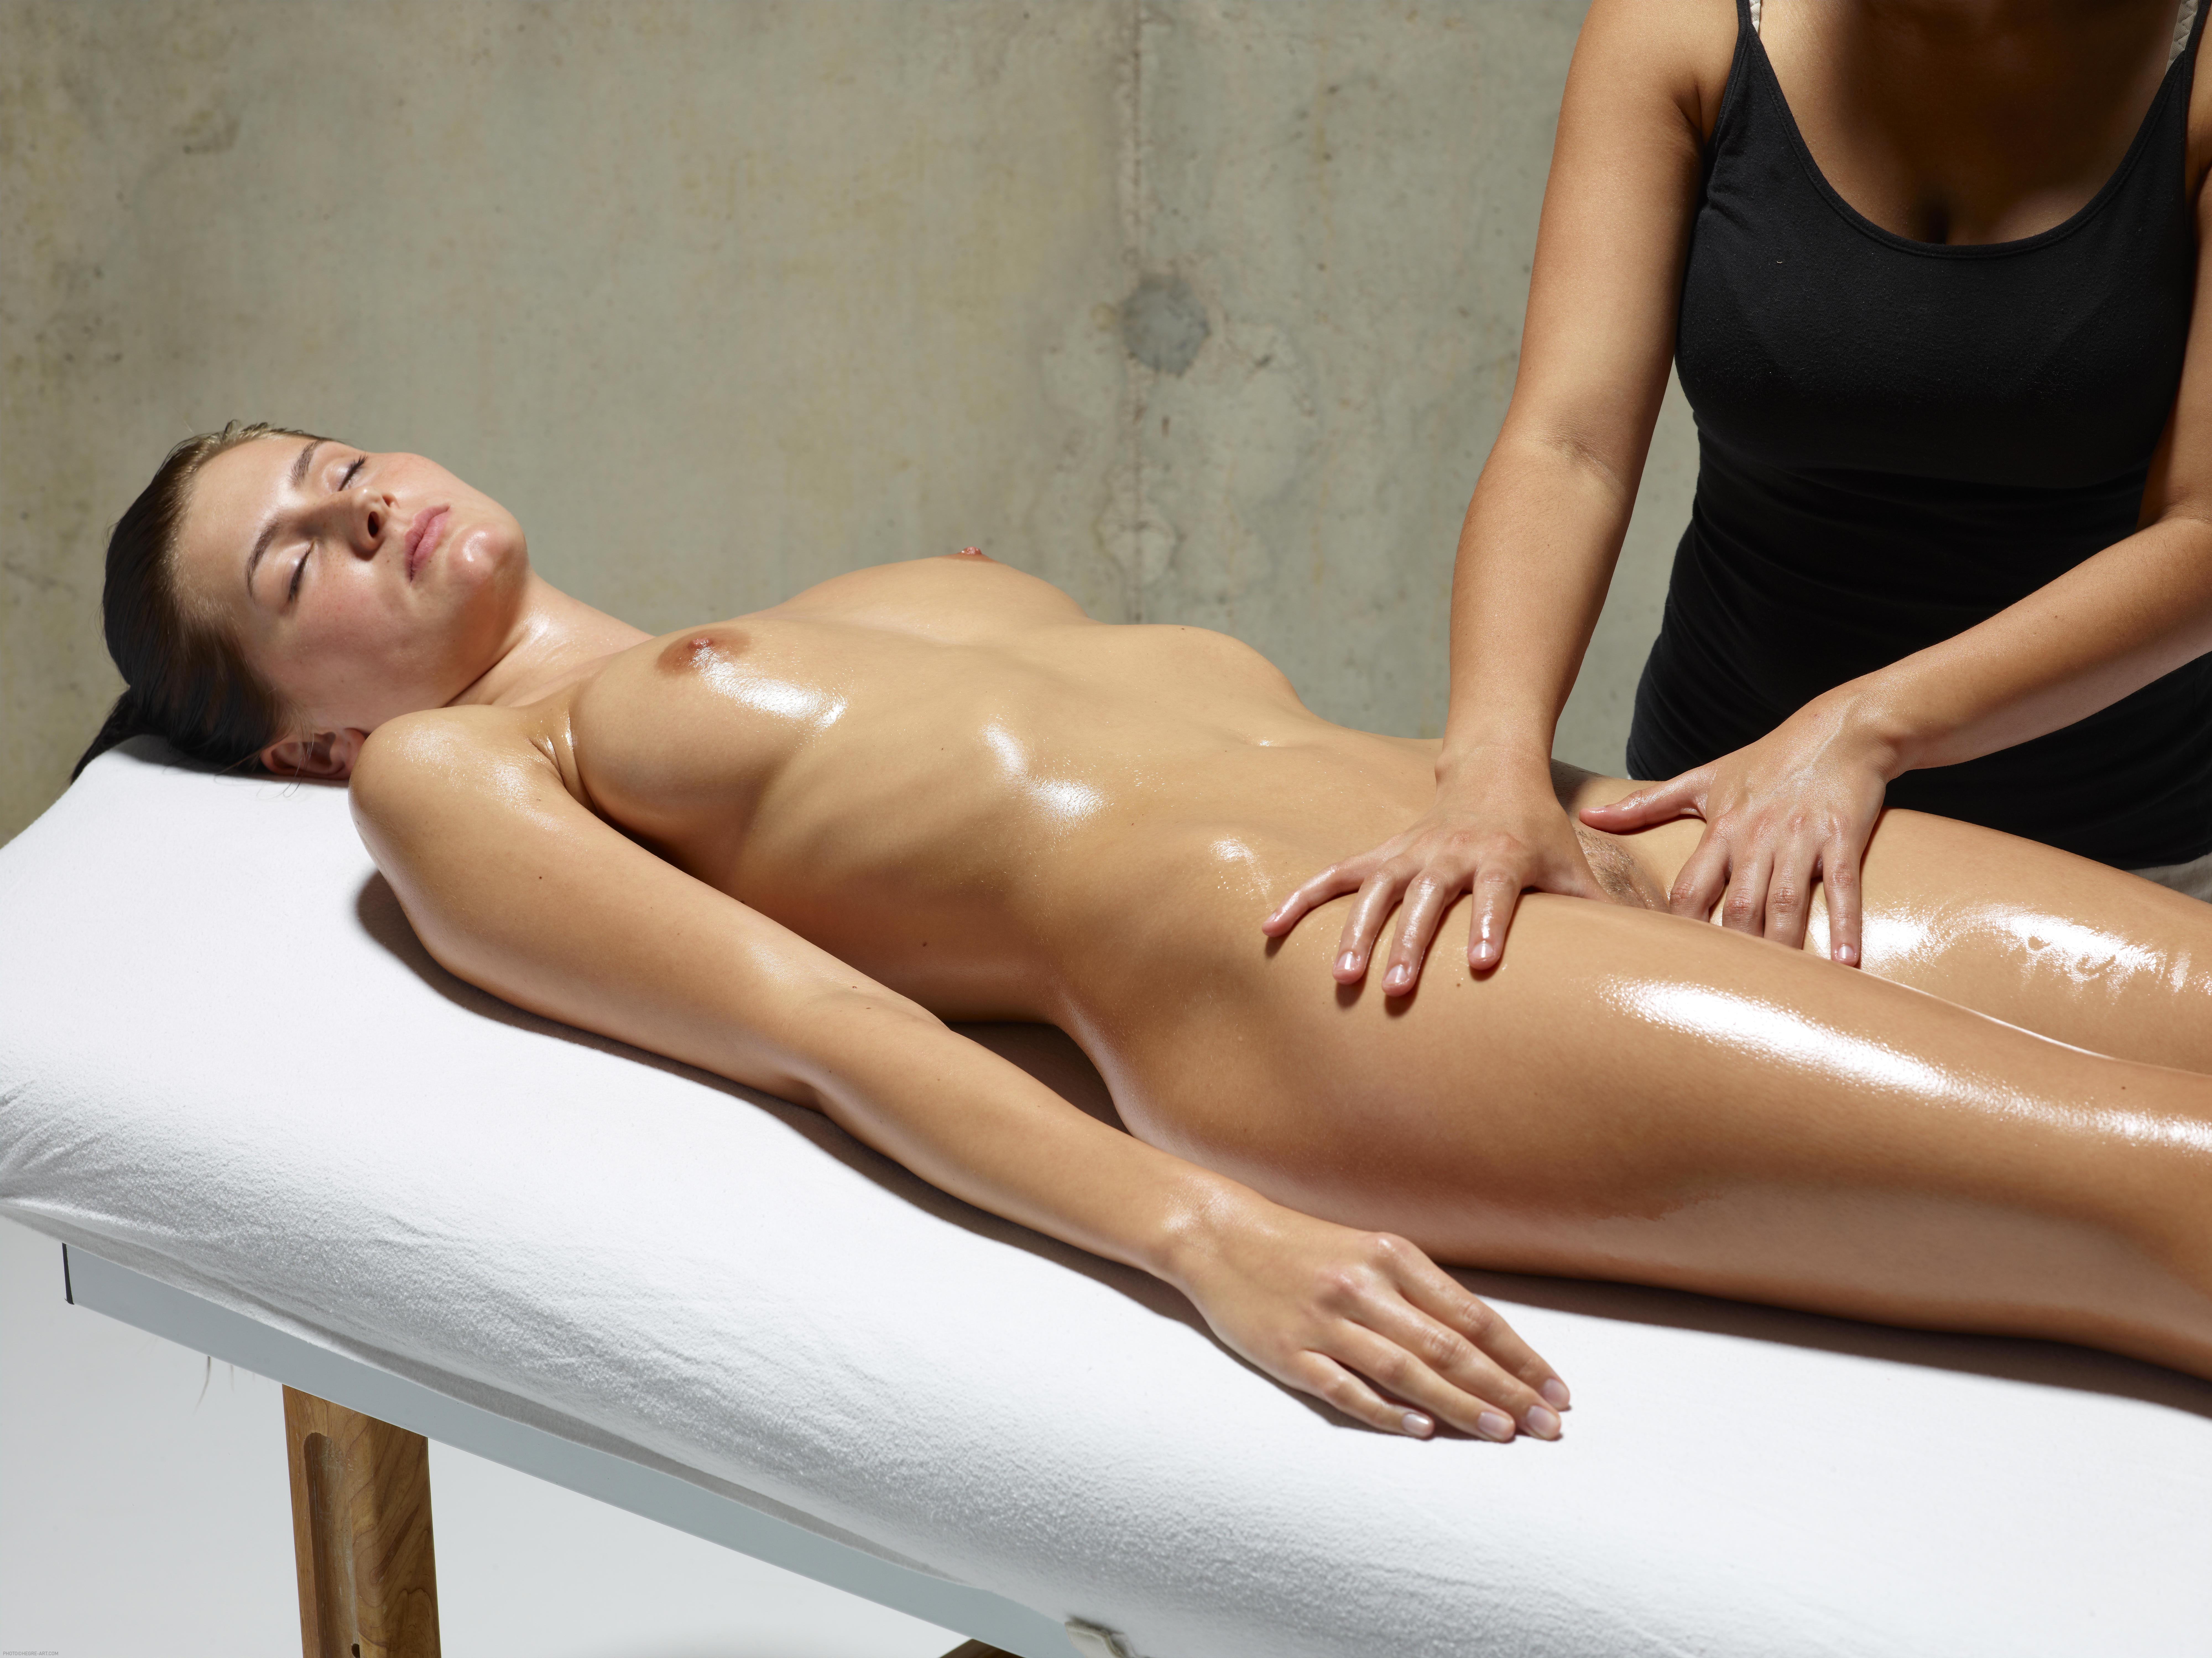 chuvstvenniy-eroticheskiy-massazh